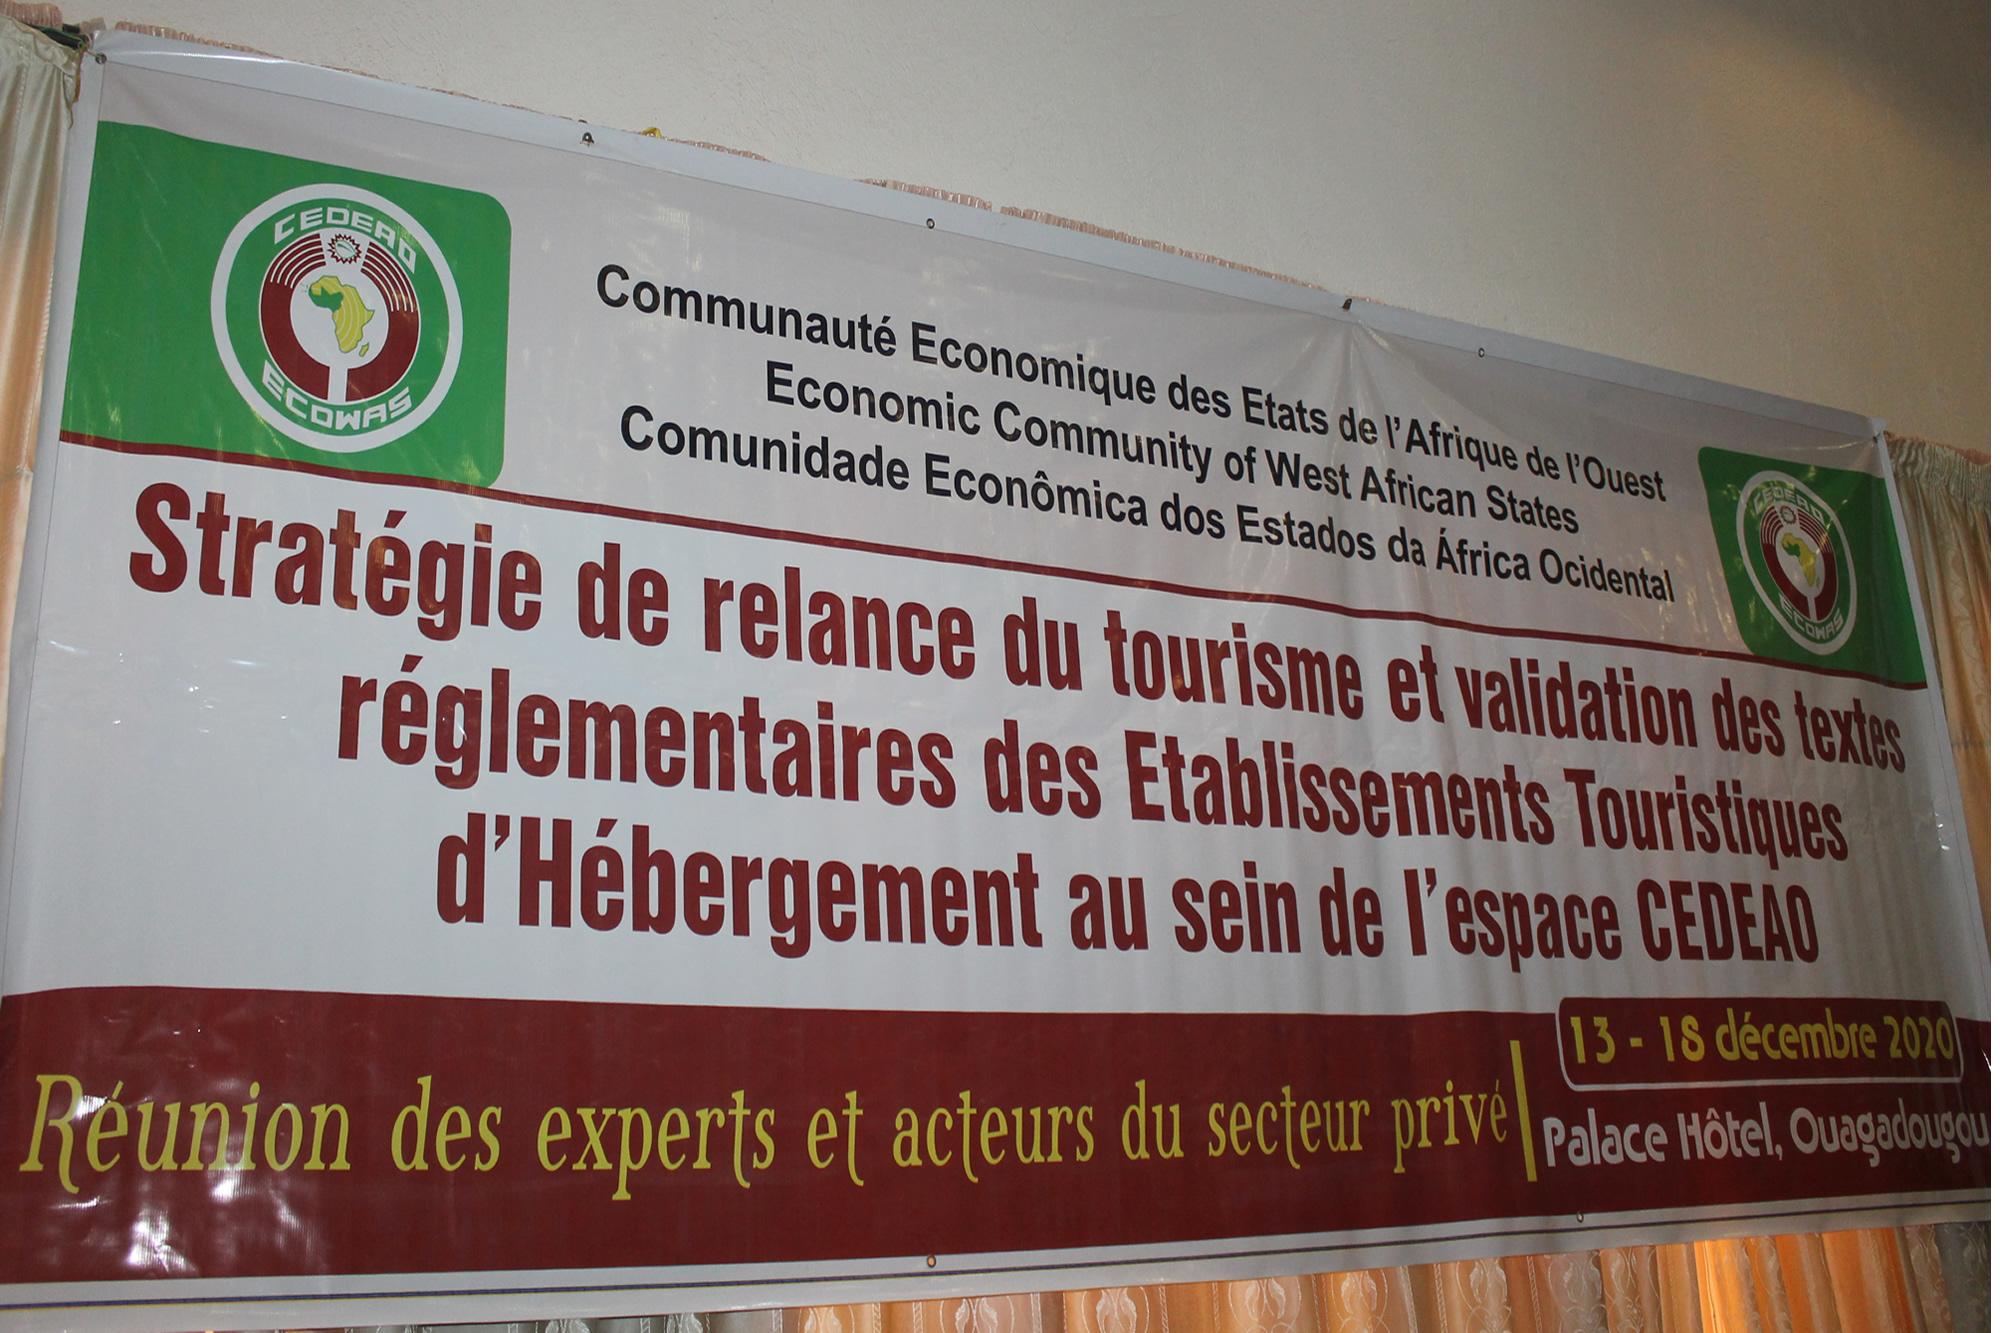 Stratégie de relance du tourisme dans l'espace CEDEAO